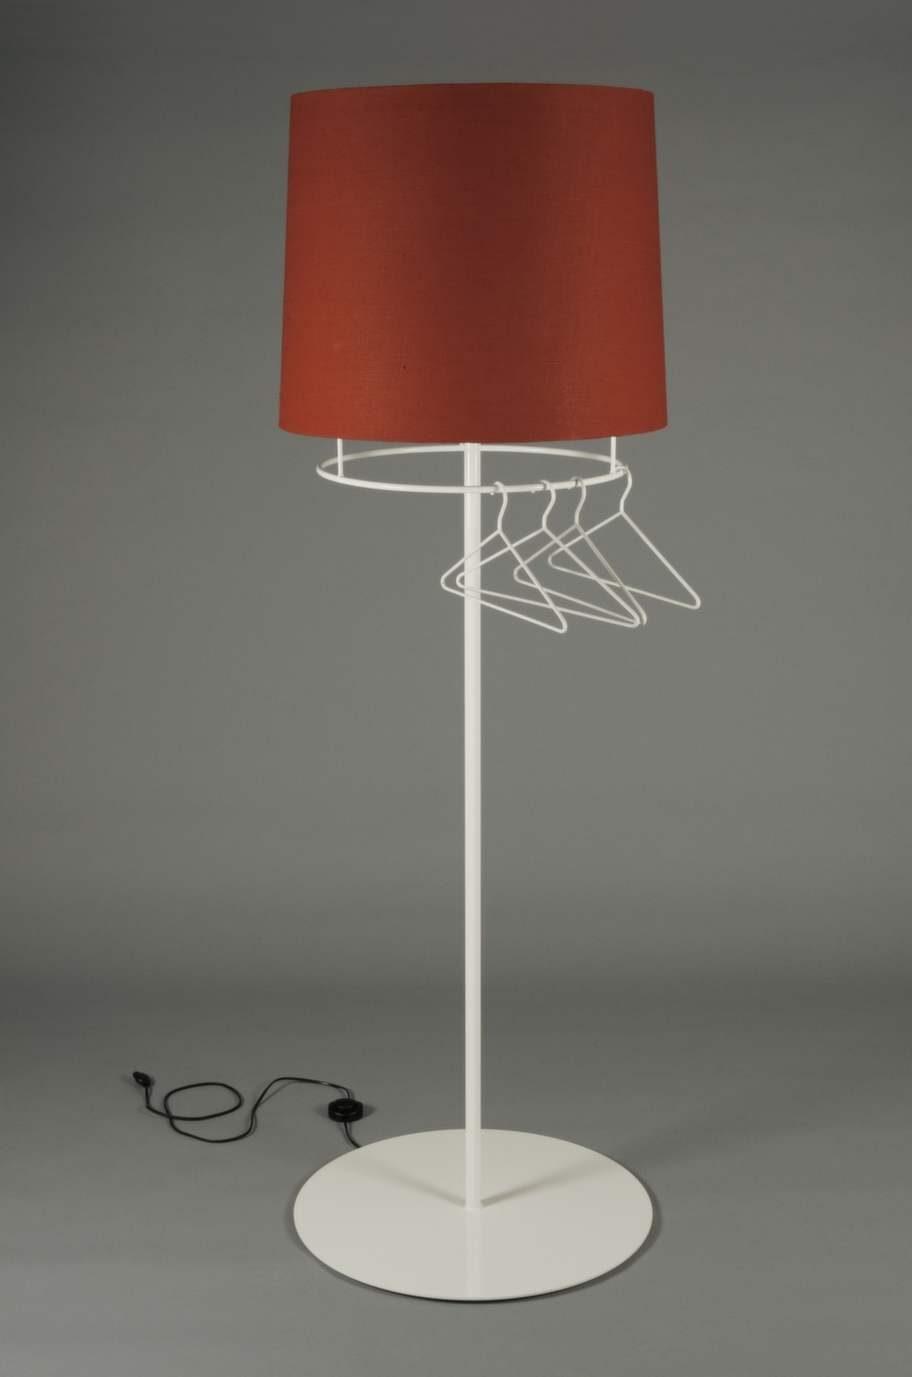 Stor lampa med tre funktioner. Belysning kompletterad med fyra tillhörande galgar, samt en hatthylla upptill i lampskärmen i plexiglas för handskar och mössor, 17 500 kronor, Plusfunction.com.